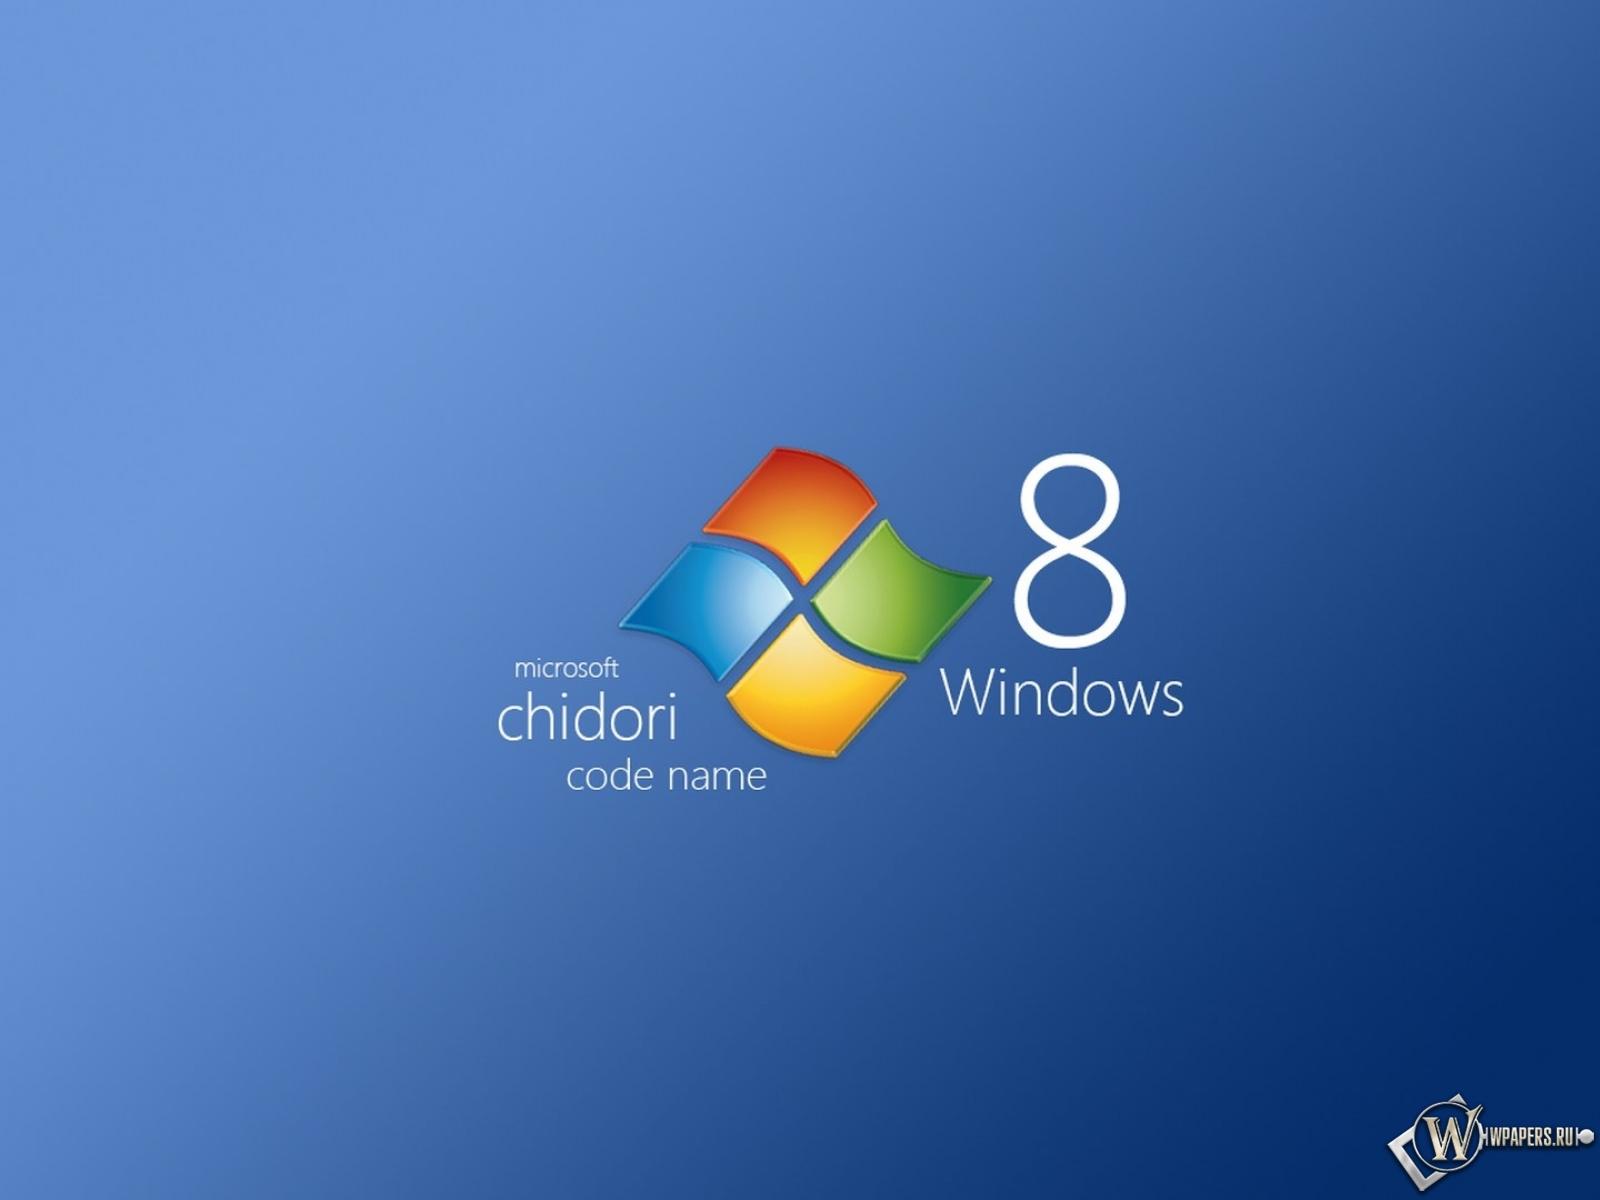 Windows 8 - Обои для рабочего стола, картинки, фоны